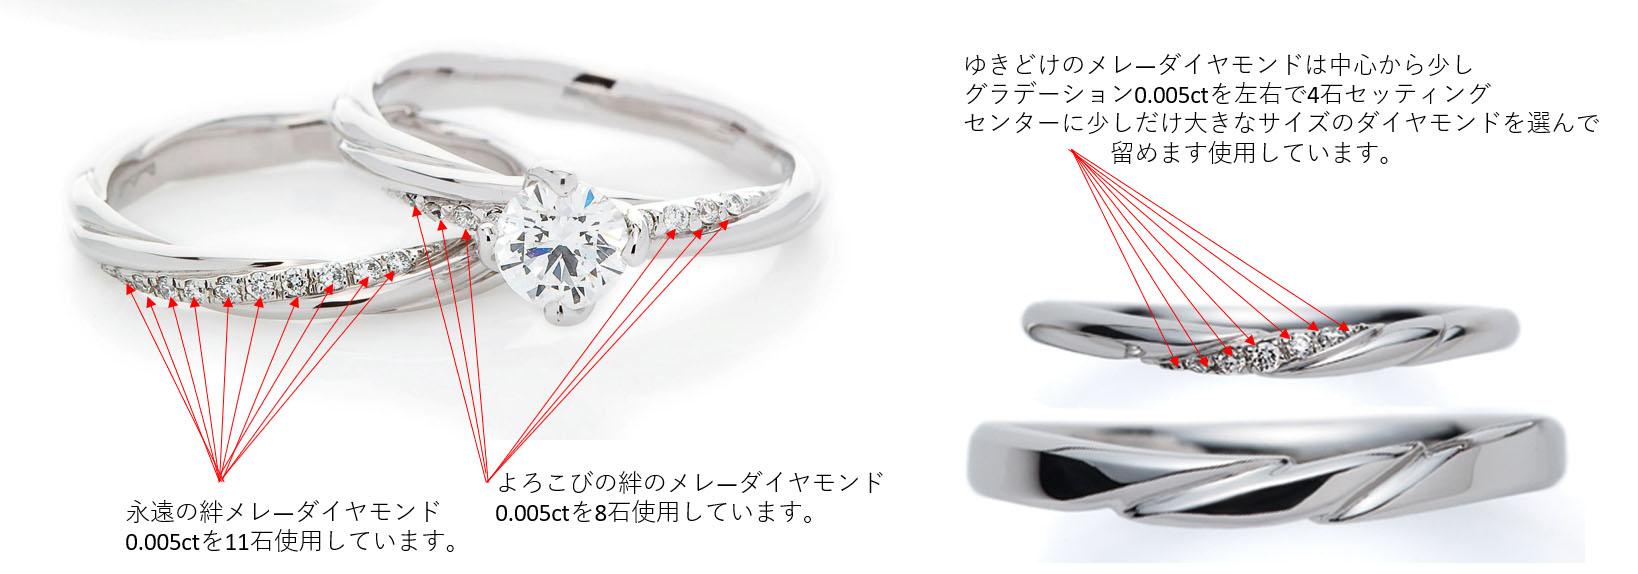 メレダイヤモンドも厳選エクセレントカットメレを採用BRIDGE銀座アントワープブリリアントギャラリー